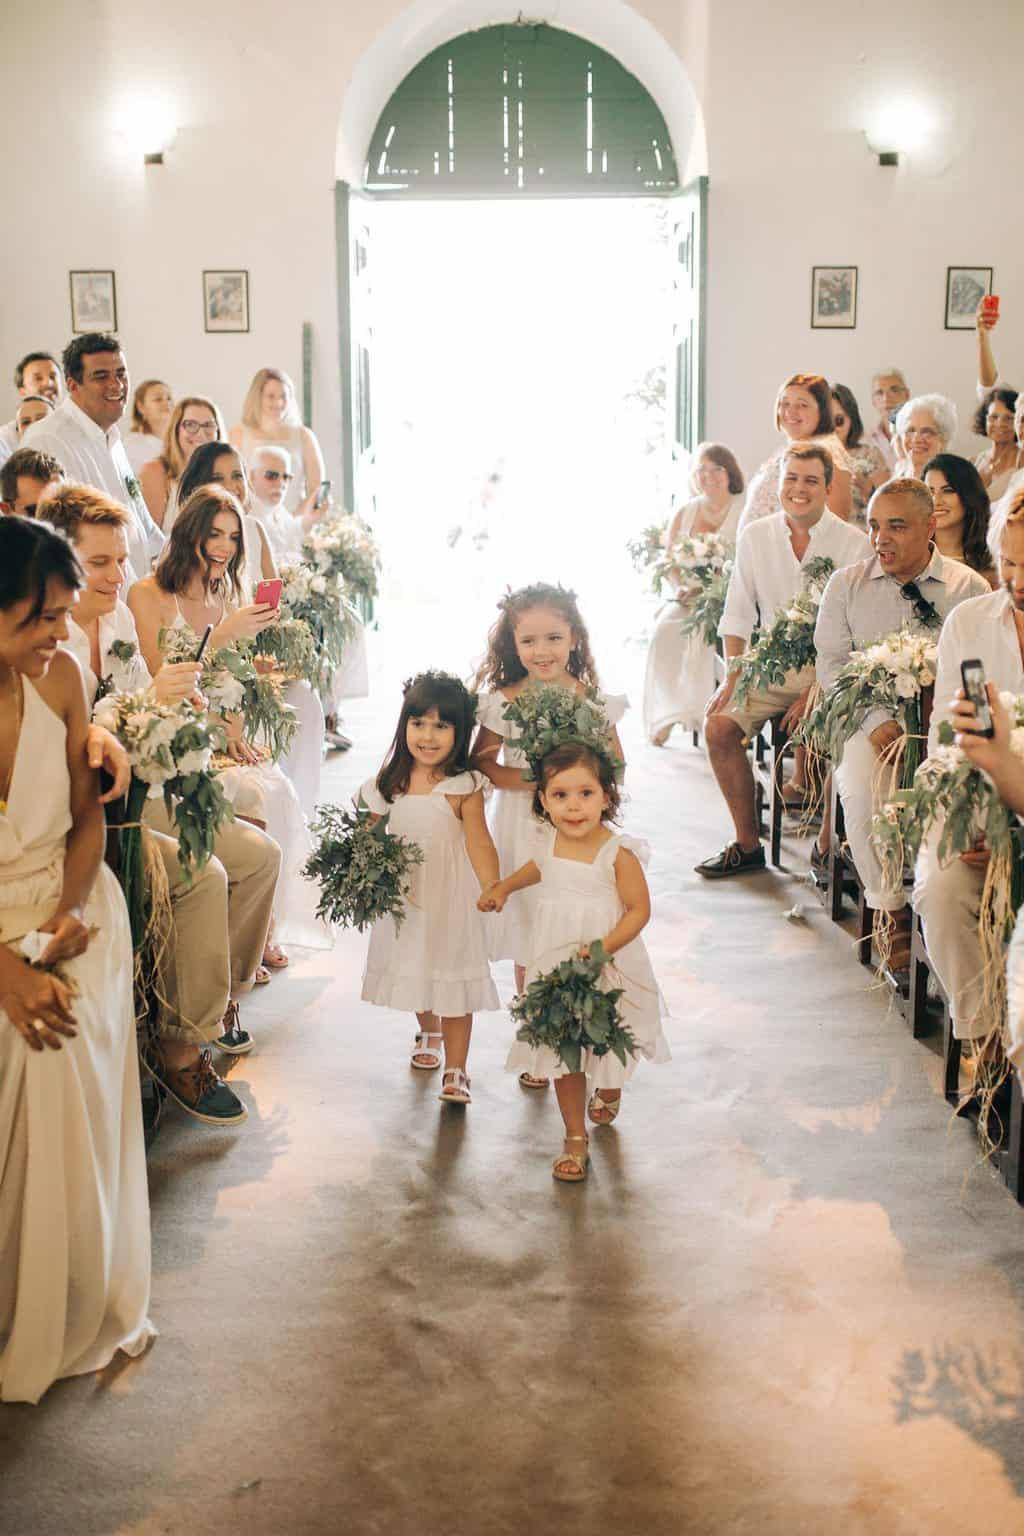 casamento-Danielle-e-Guilherme-aloha-fotografia-caseme-78